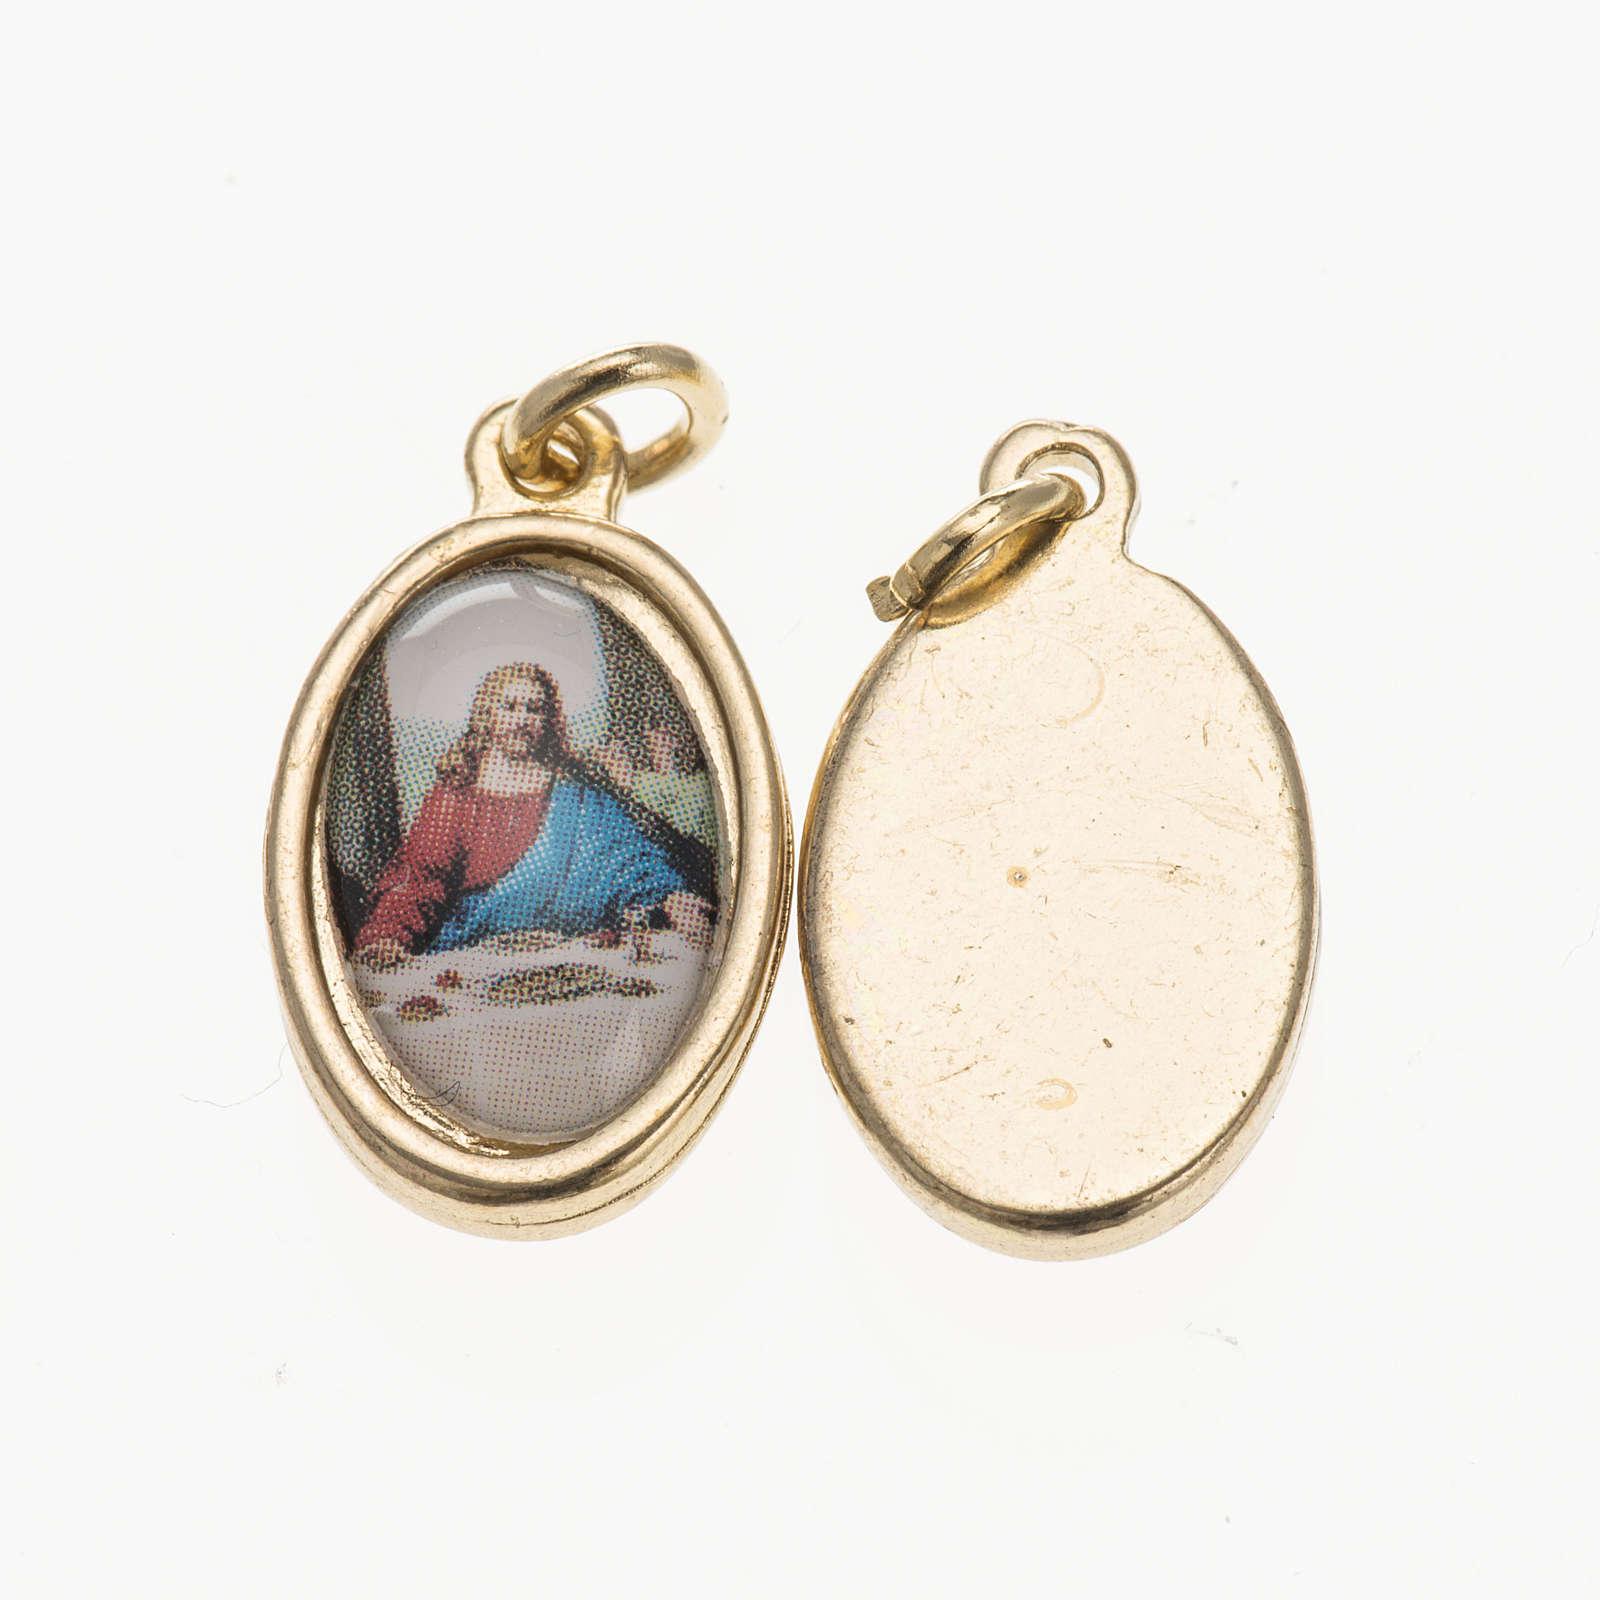 Medaglia Ultima Cena metallo dorato resina 1,5x1 cm 4